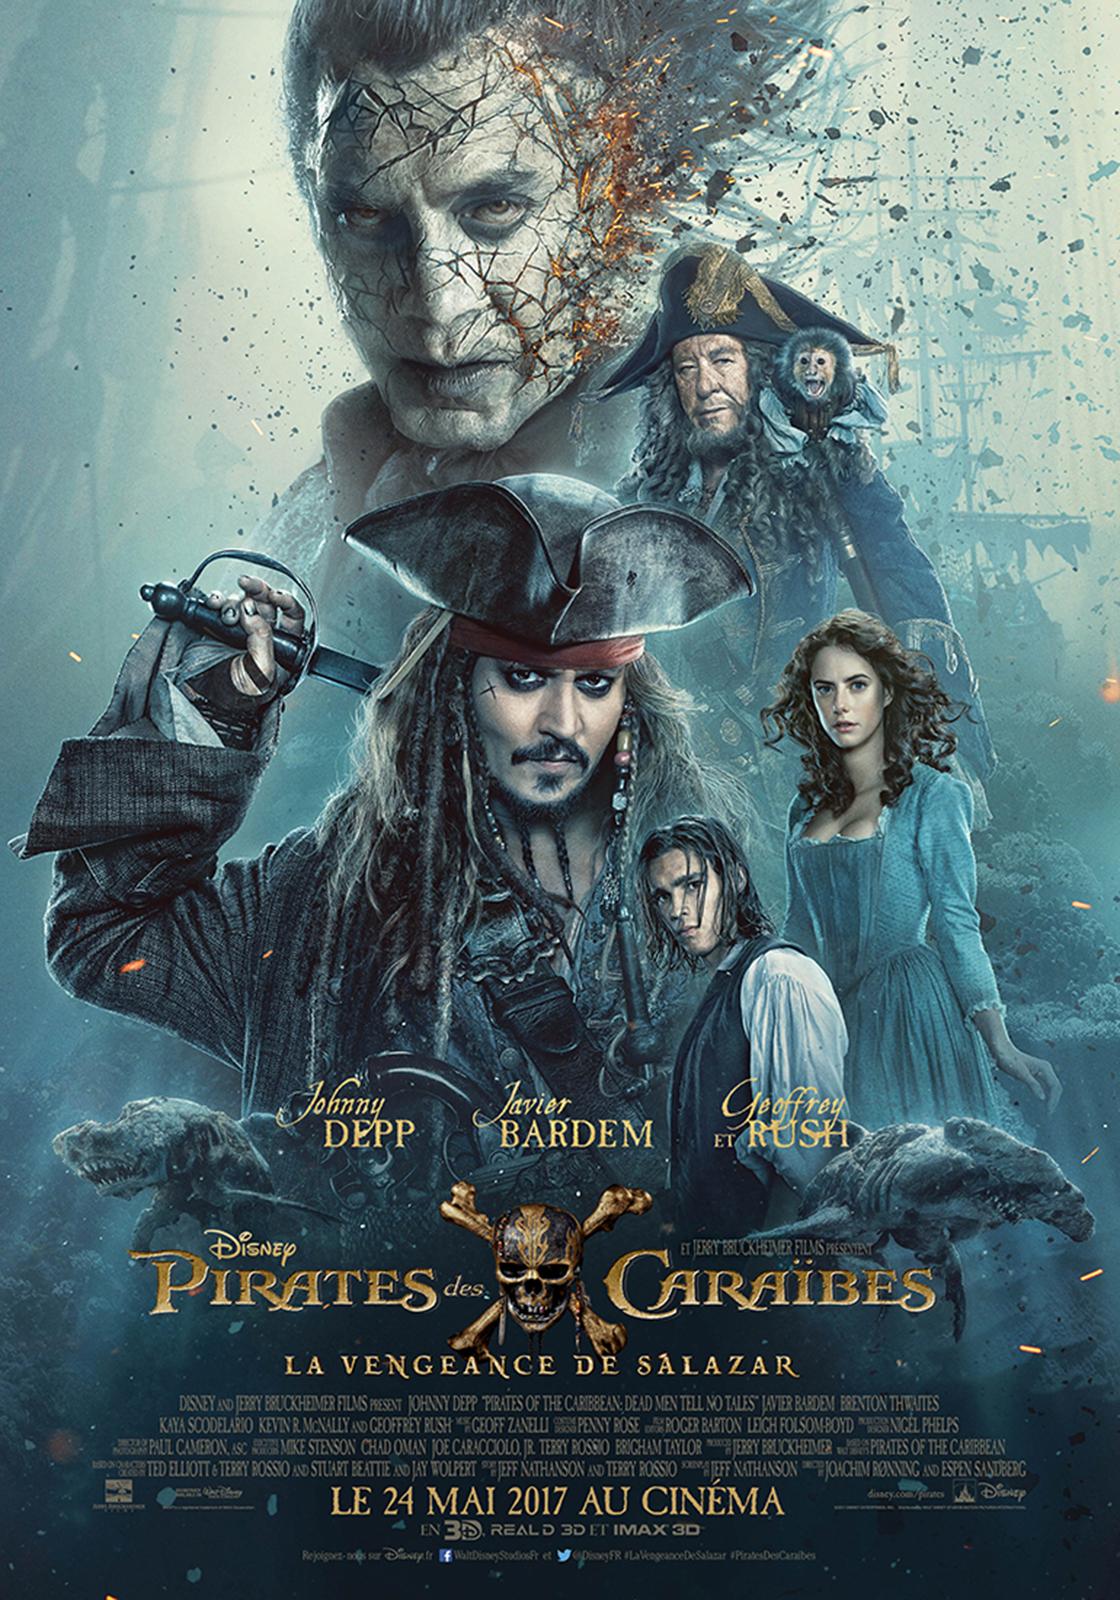 Incroyable ! La nouvelle bande-annonce de « Pirates des Caraïbes 5 » confirme le retour de Keira Knightley dans la saga ! Par Marine B.                     Pirates%20des%20caraibes%205%20poster%20officiel